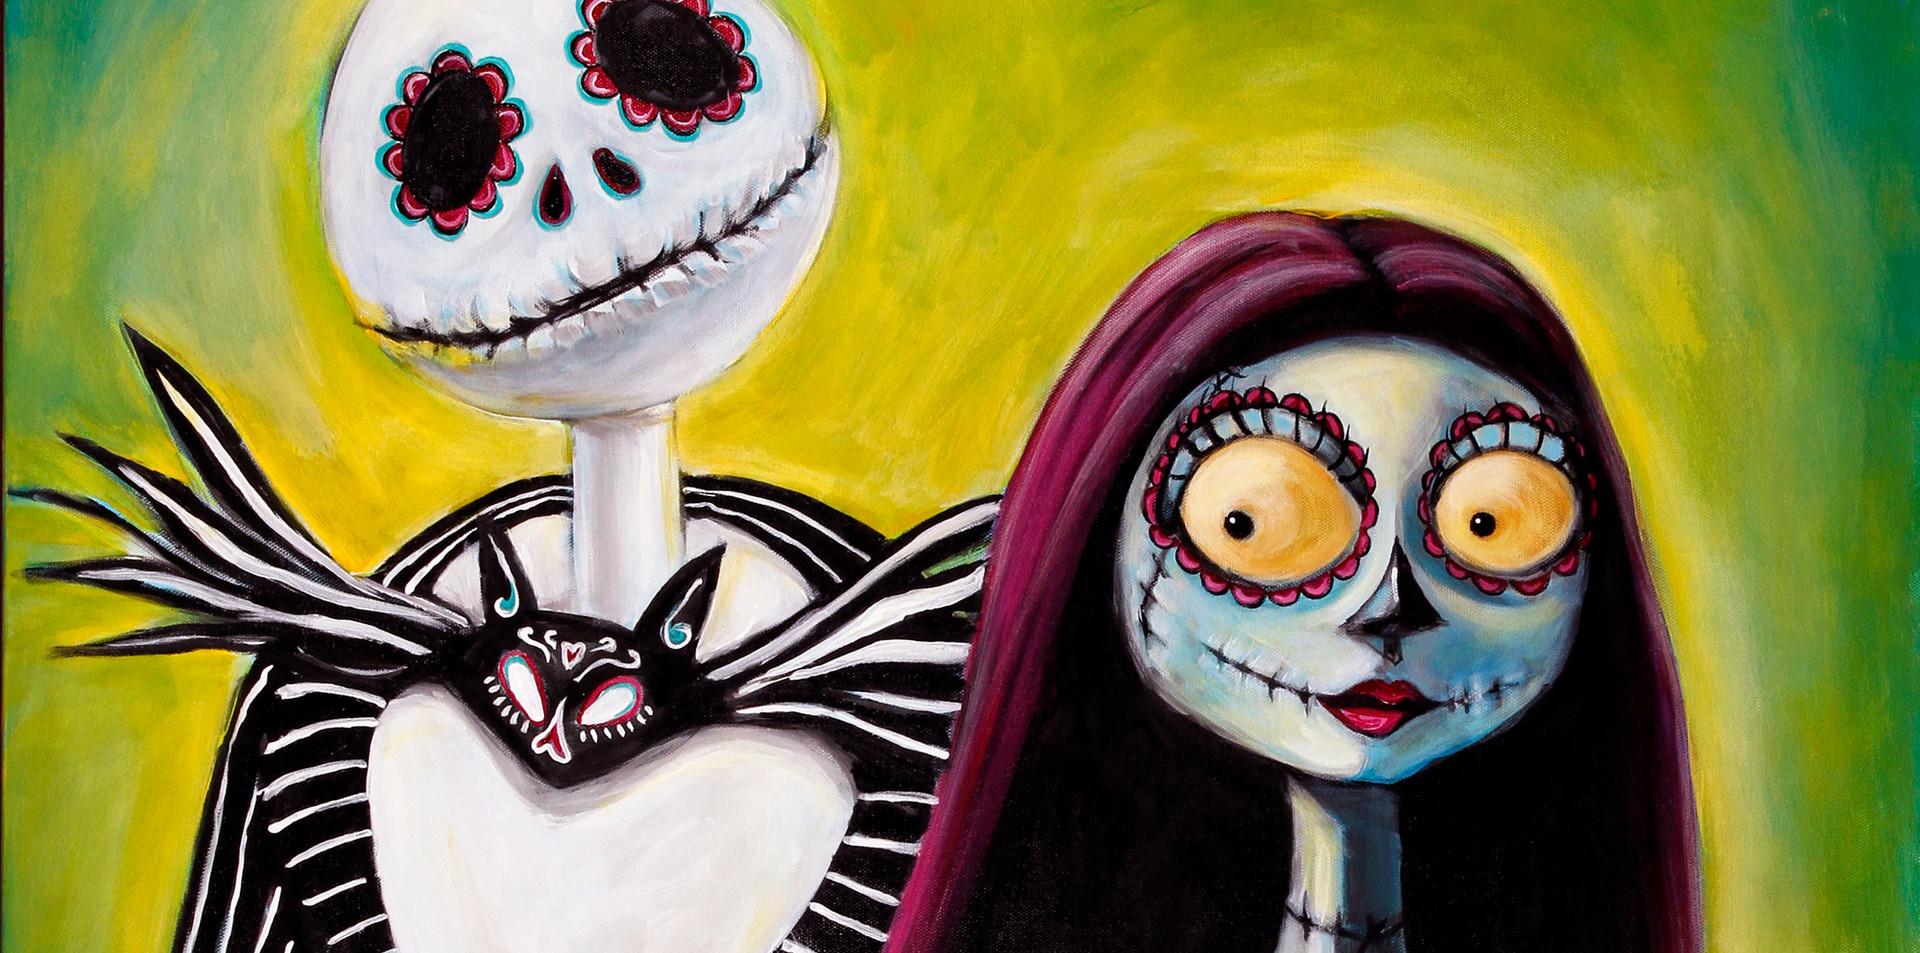 SOLD Jack and Sally, Dia de Los Muertos